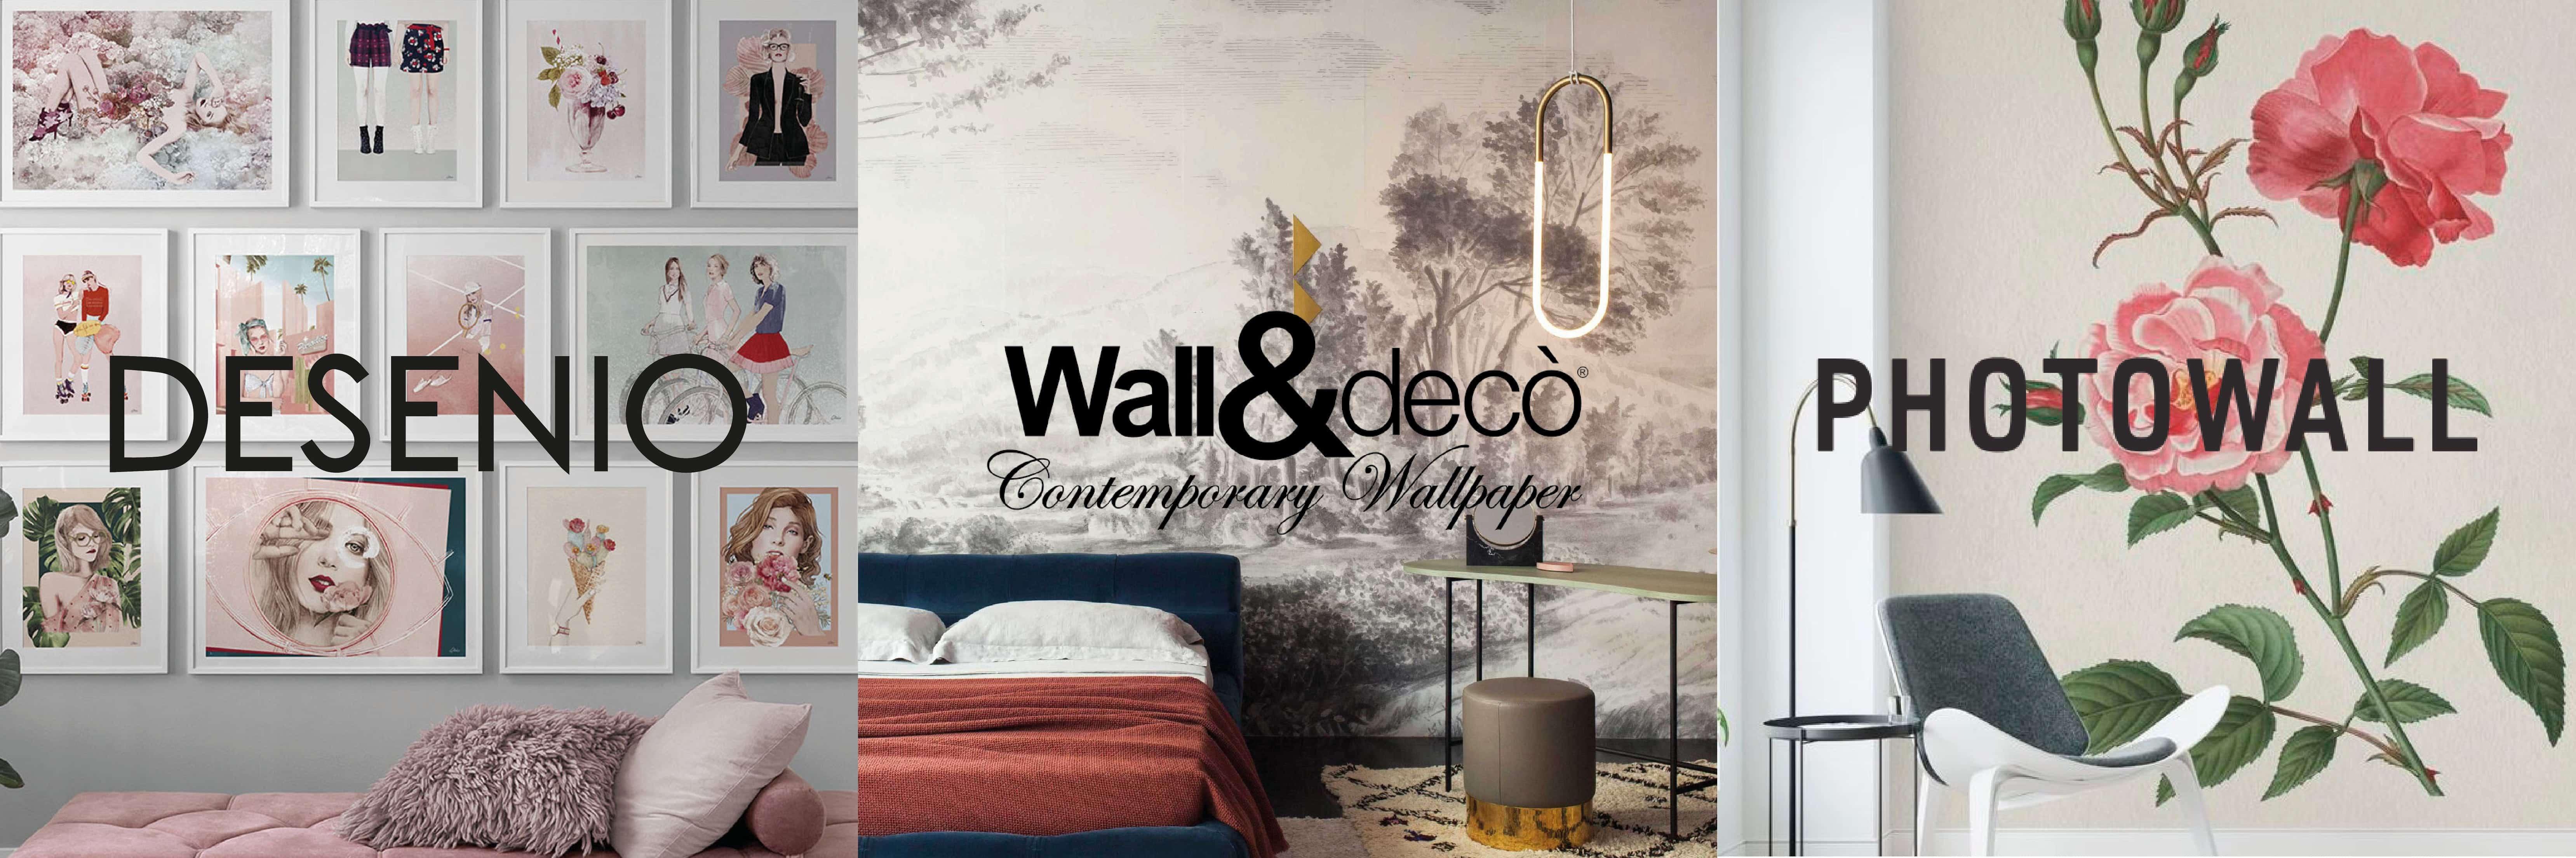 Varumärkena Desimo, wall&Deco och photowall